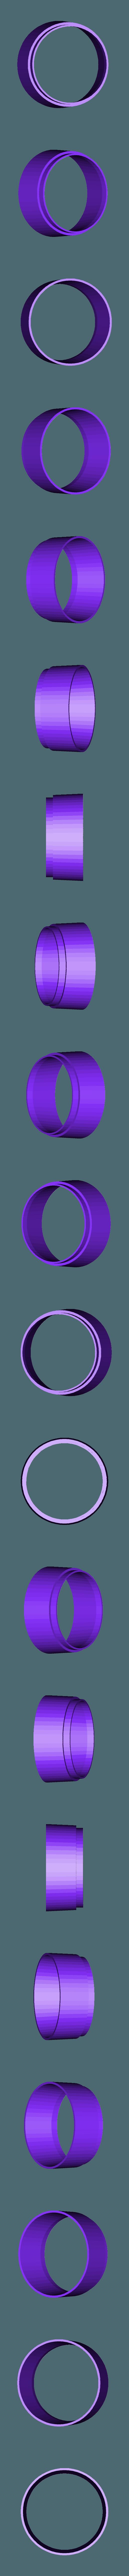 gaggia_funnel.stl Télécharger fichier STL gratuit Entonnoir doseur Gaggia Classic 58,4 mm • Design à imprimer en 3D, peaberry